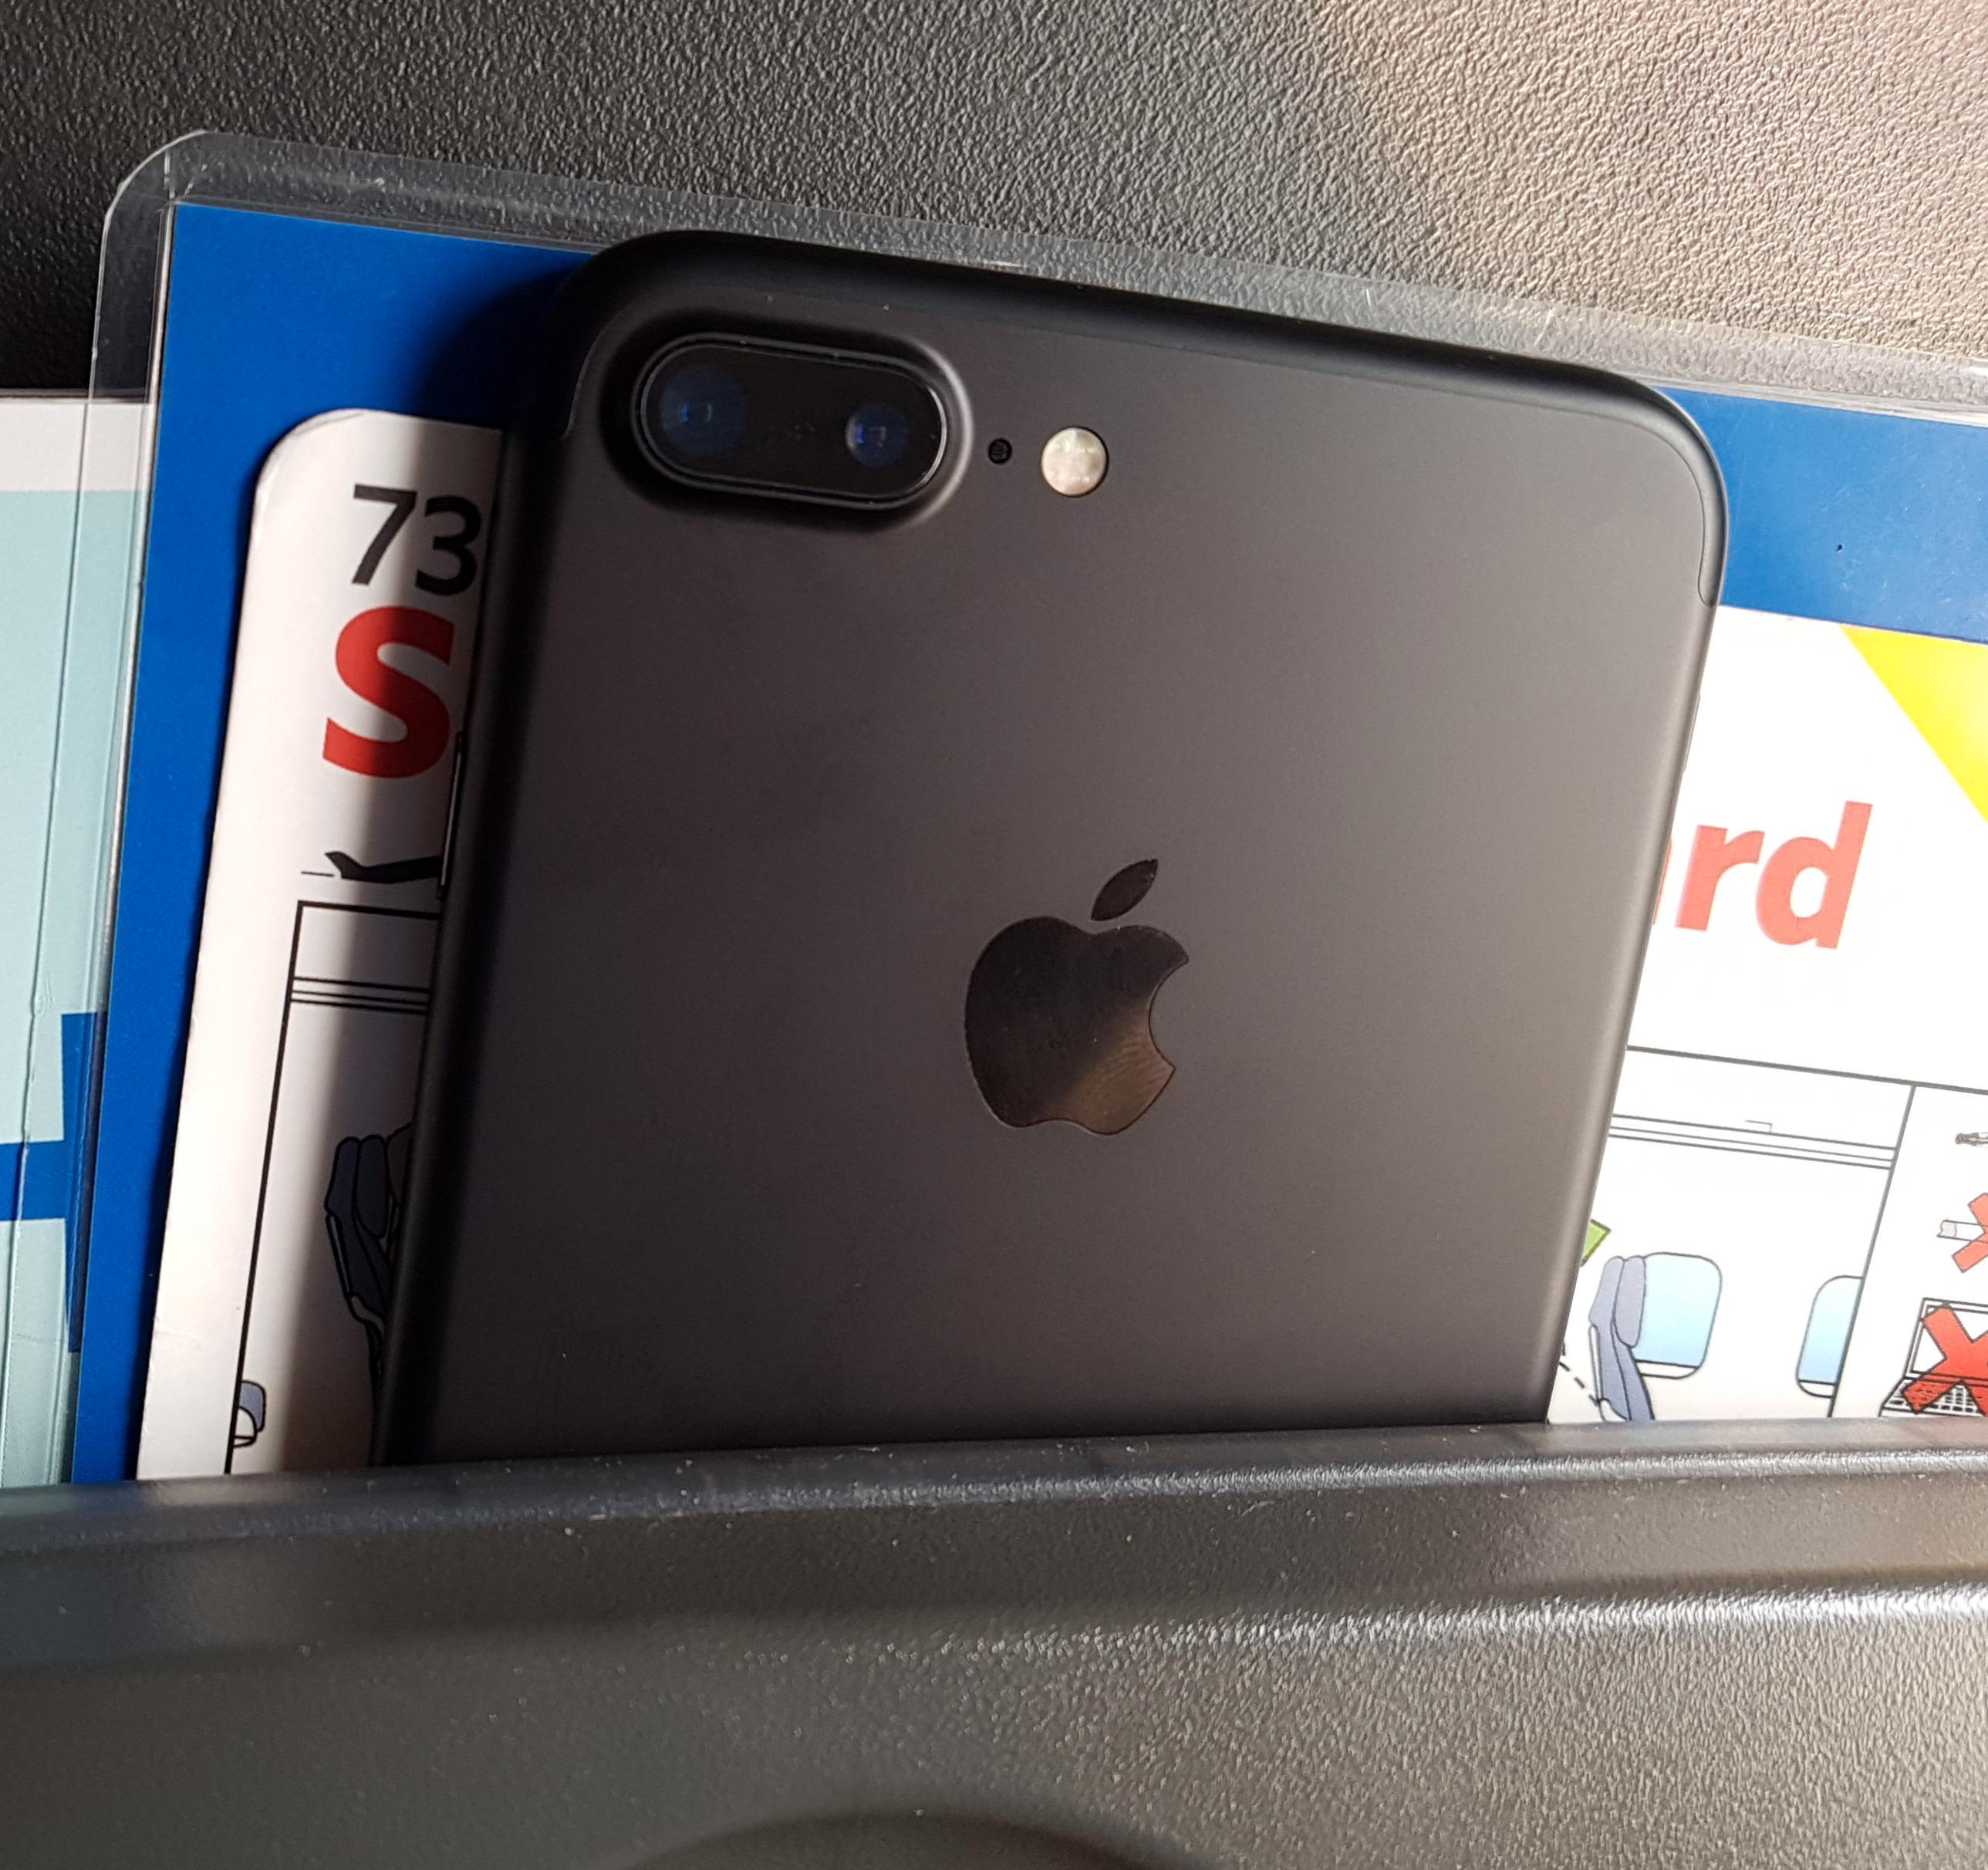 iPhone 7 Plus er både pen i tøyet og tynn. Designen begynner å dra på åra, men det er enklere å se at Plus-modellen er ny på grunn av det doble kameraet bak.